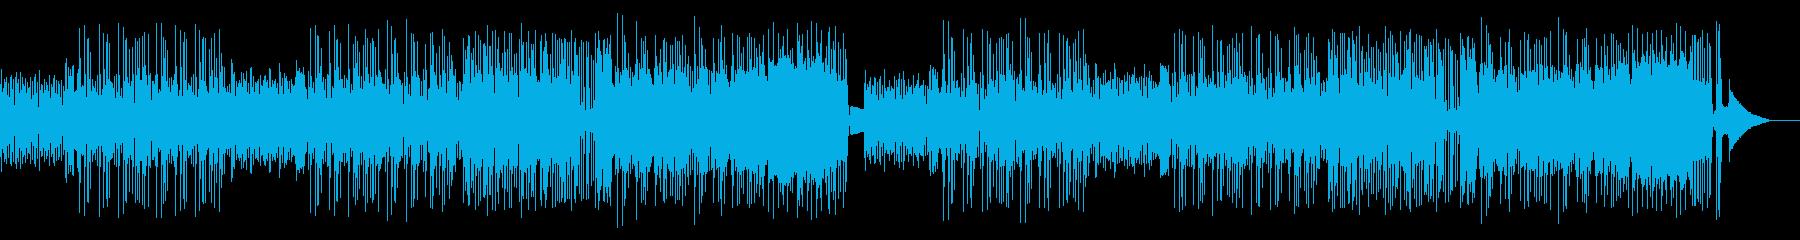 【ドラム抜】いたずらコミカルなハロウィンの再生済みの波形